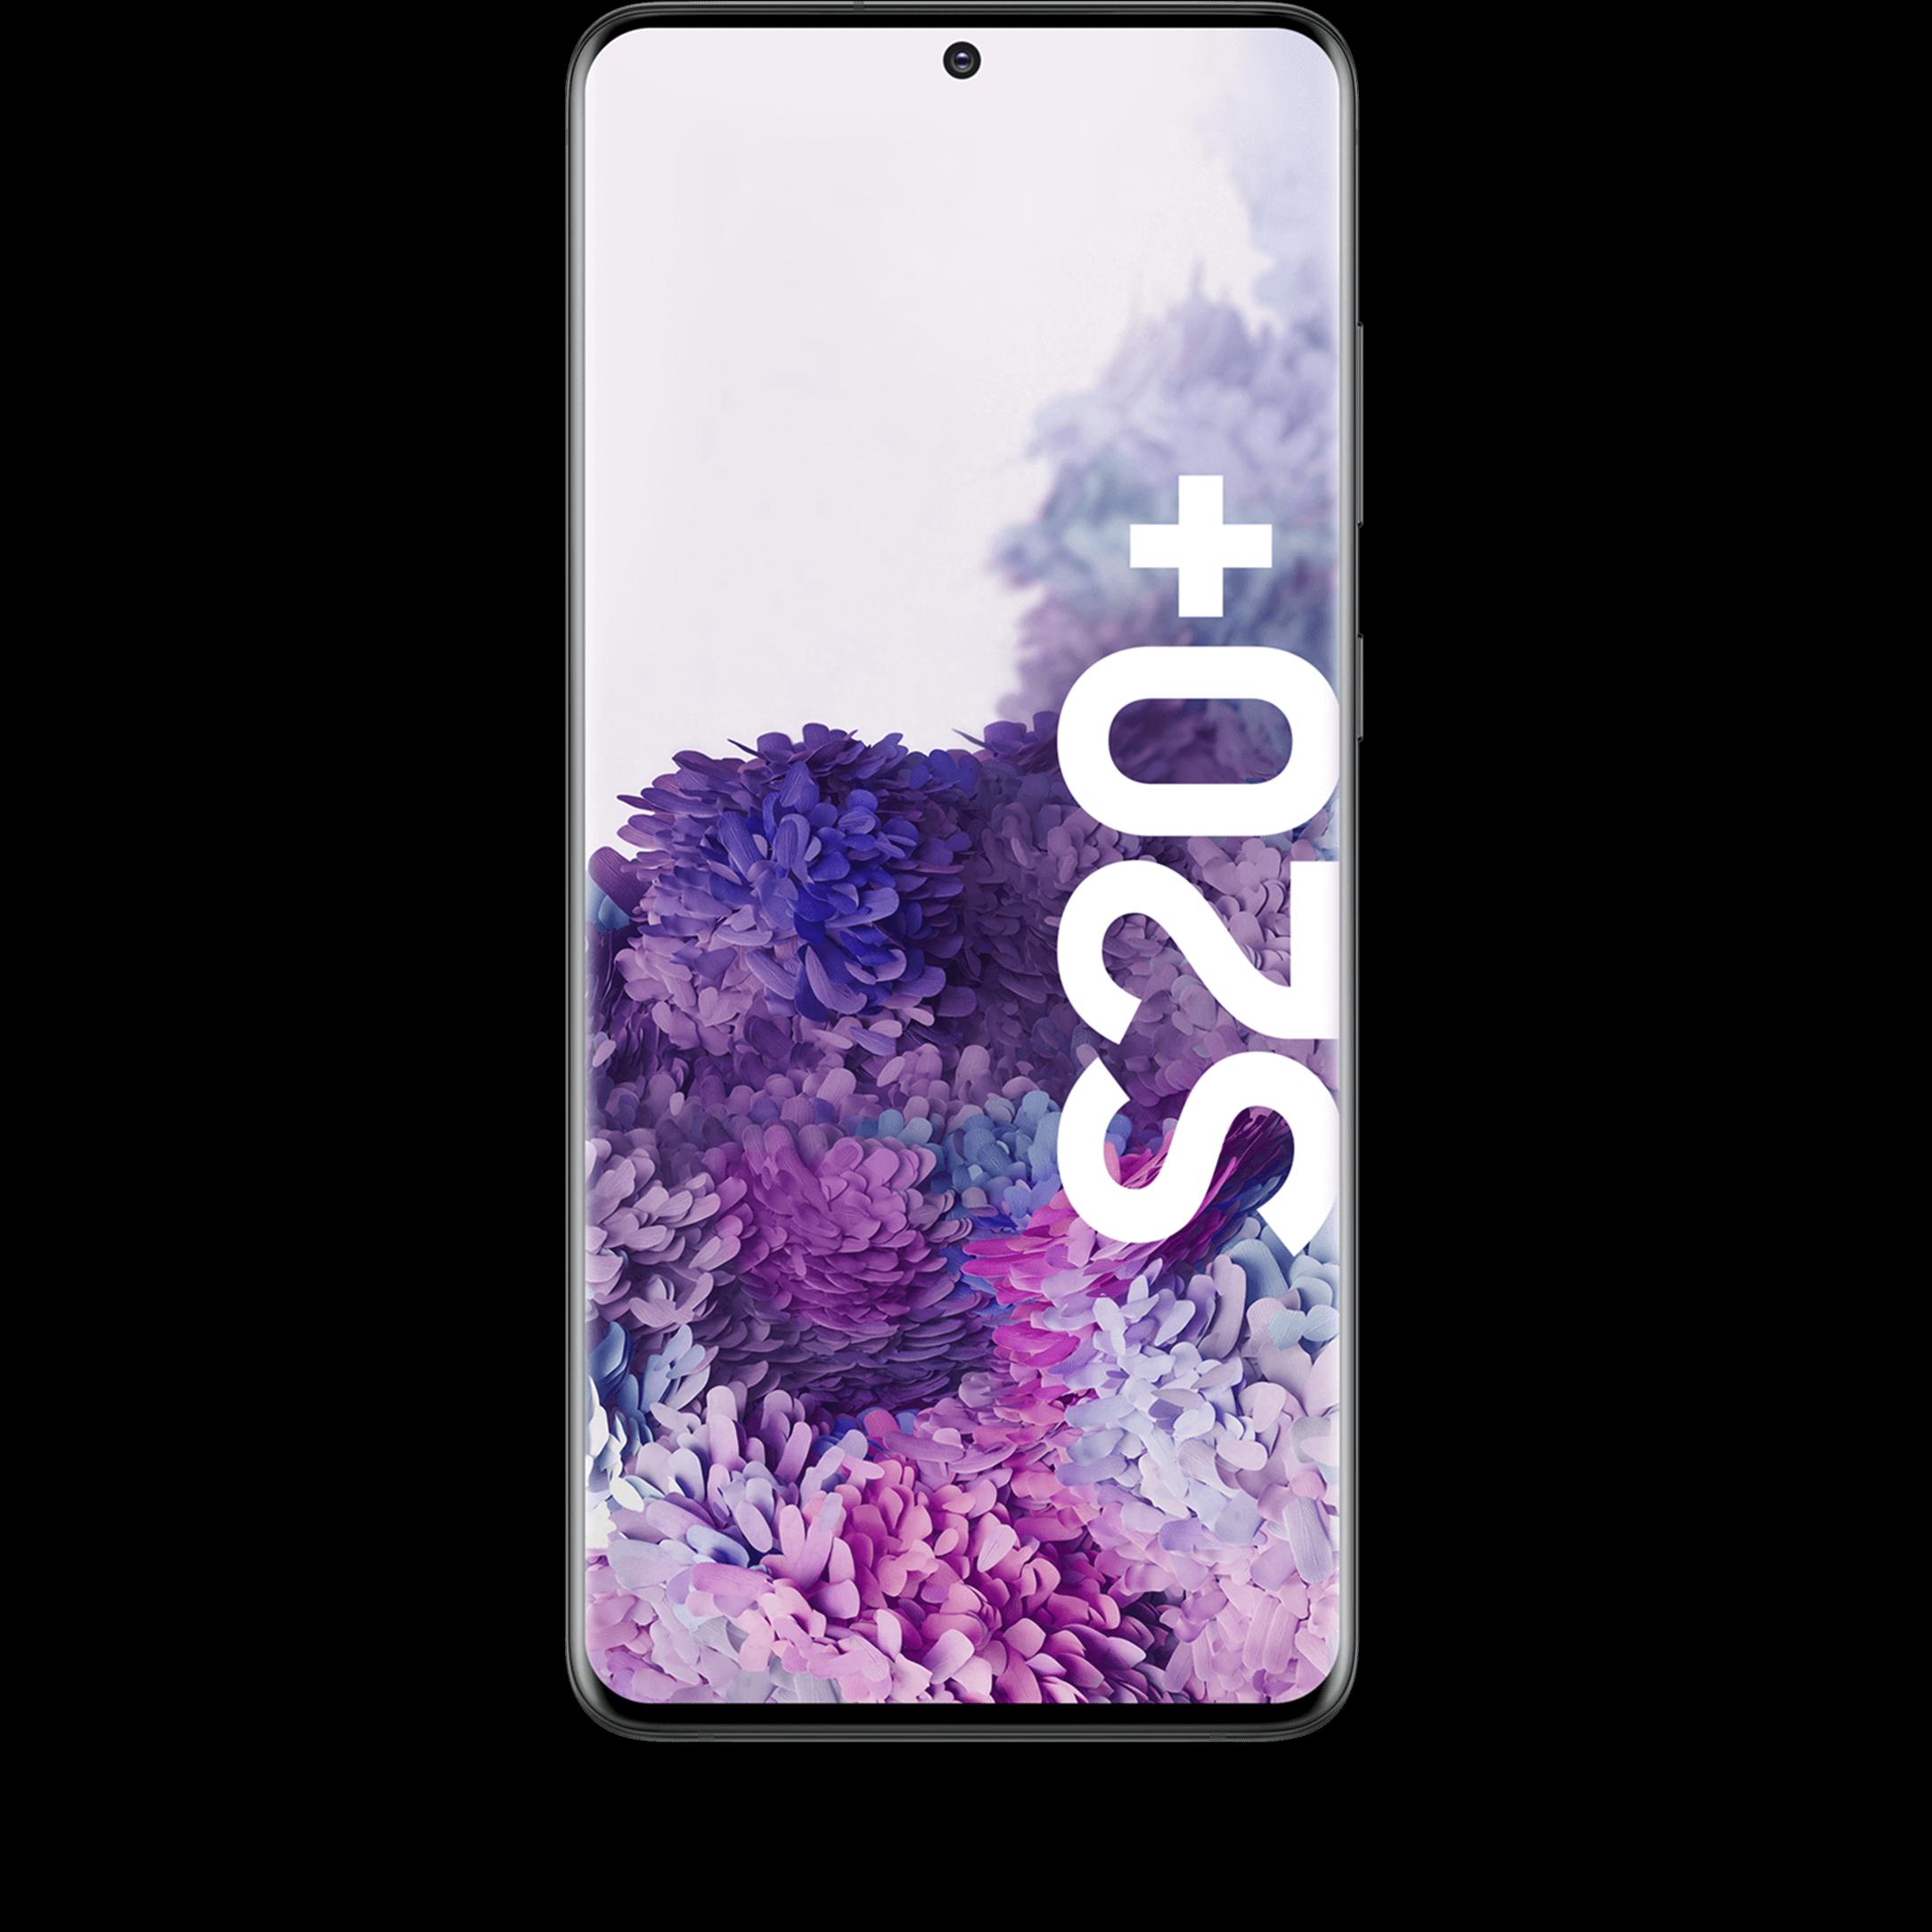 Günstig Kaufen beim Preisvergleich-Samsung Galaxy S20+ 128 GB black mit Allnet Flat L